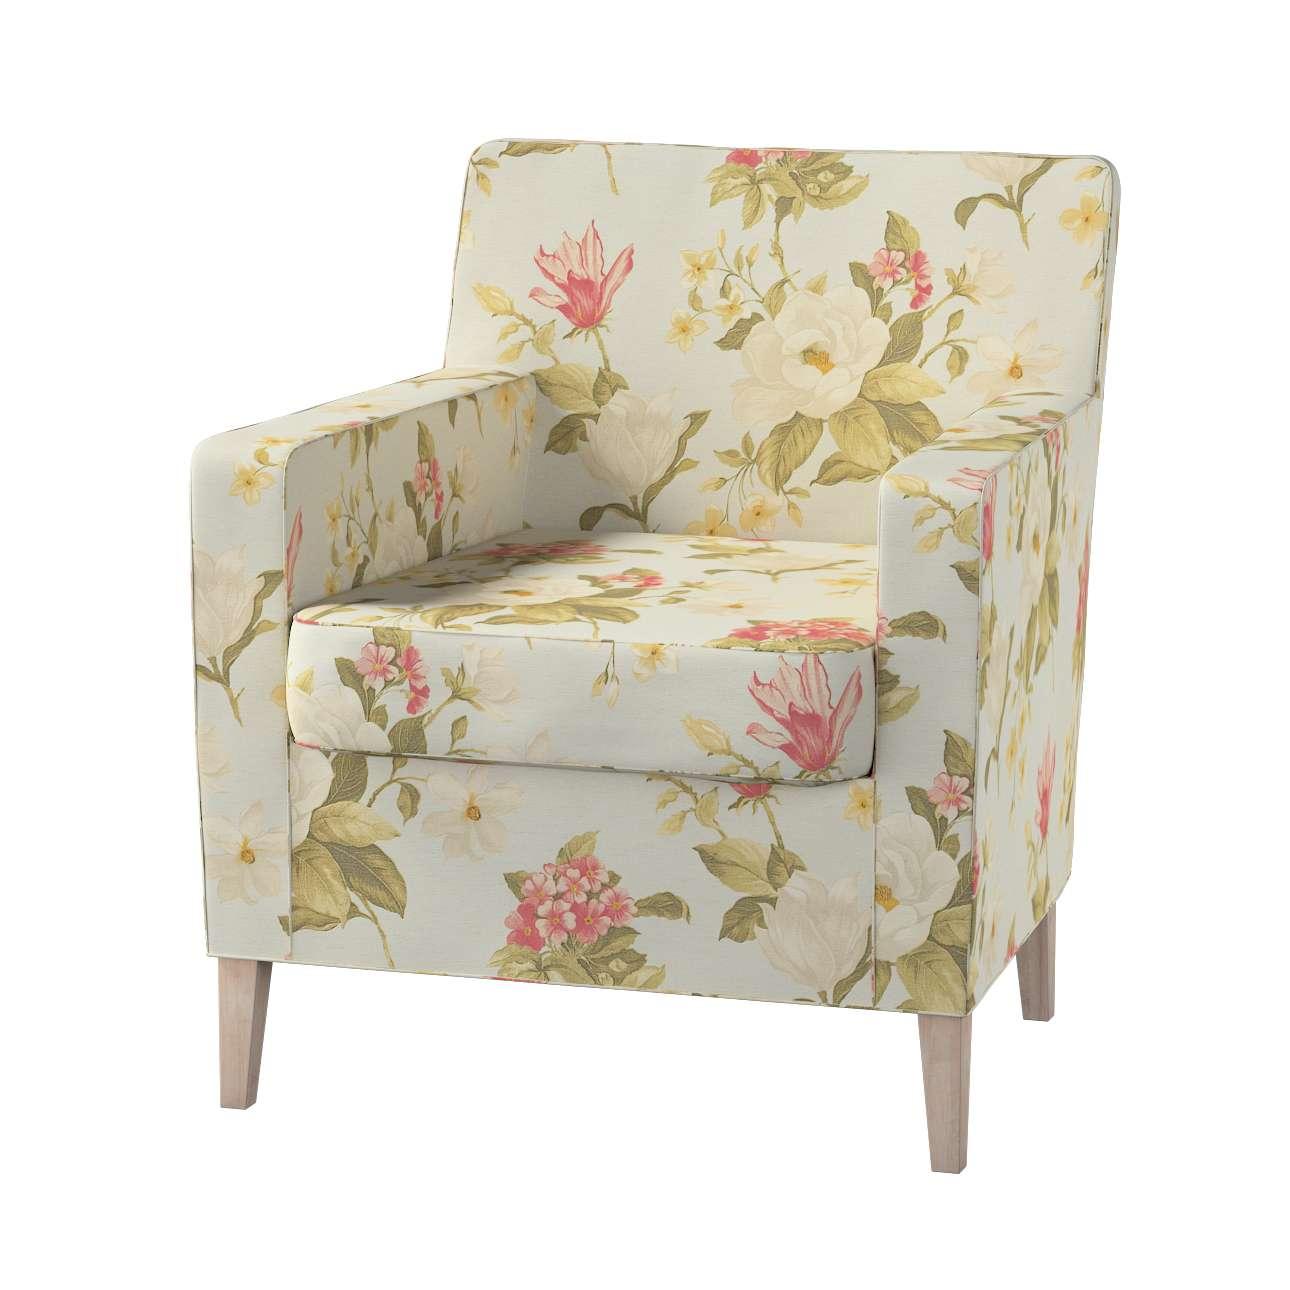 Karlstad fotelio-kėdės užvalkalas Karlstad fotelio - kėdės užvalkalas kolekcijoje Londres, audinys: 123-65